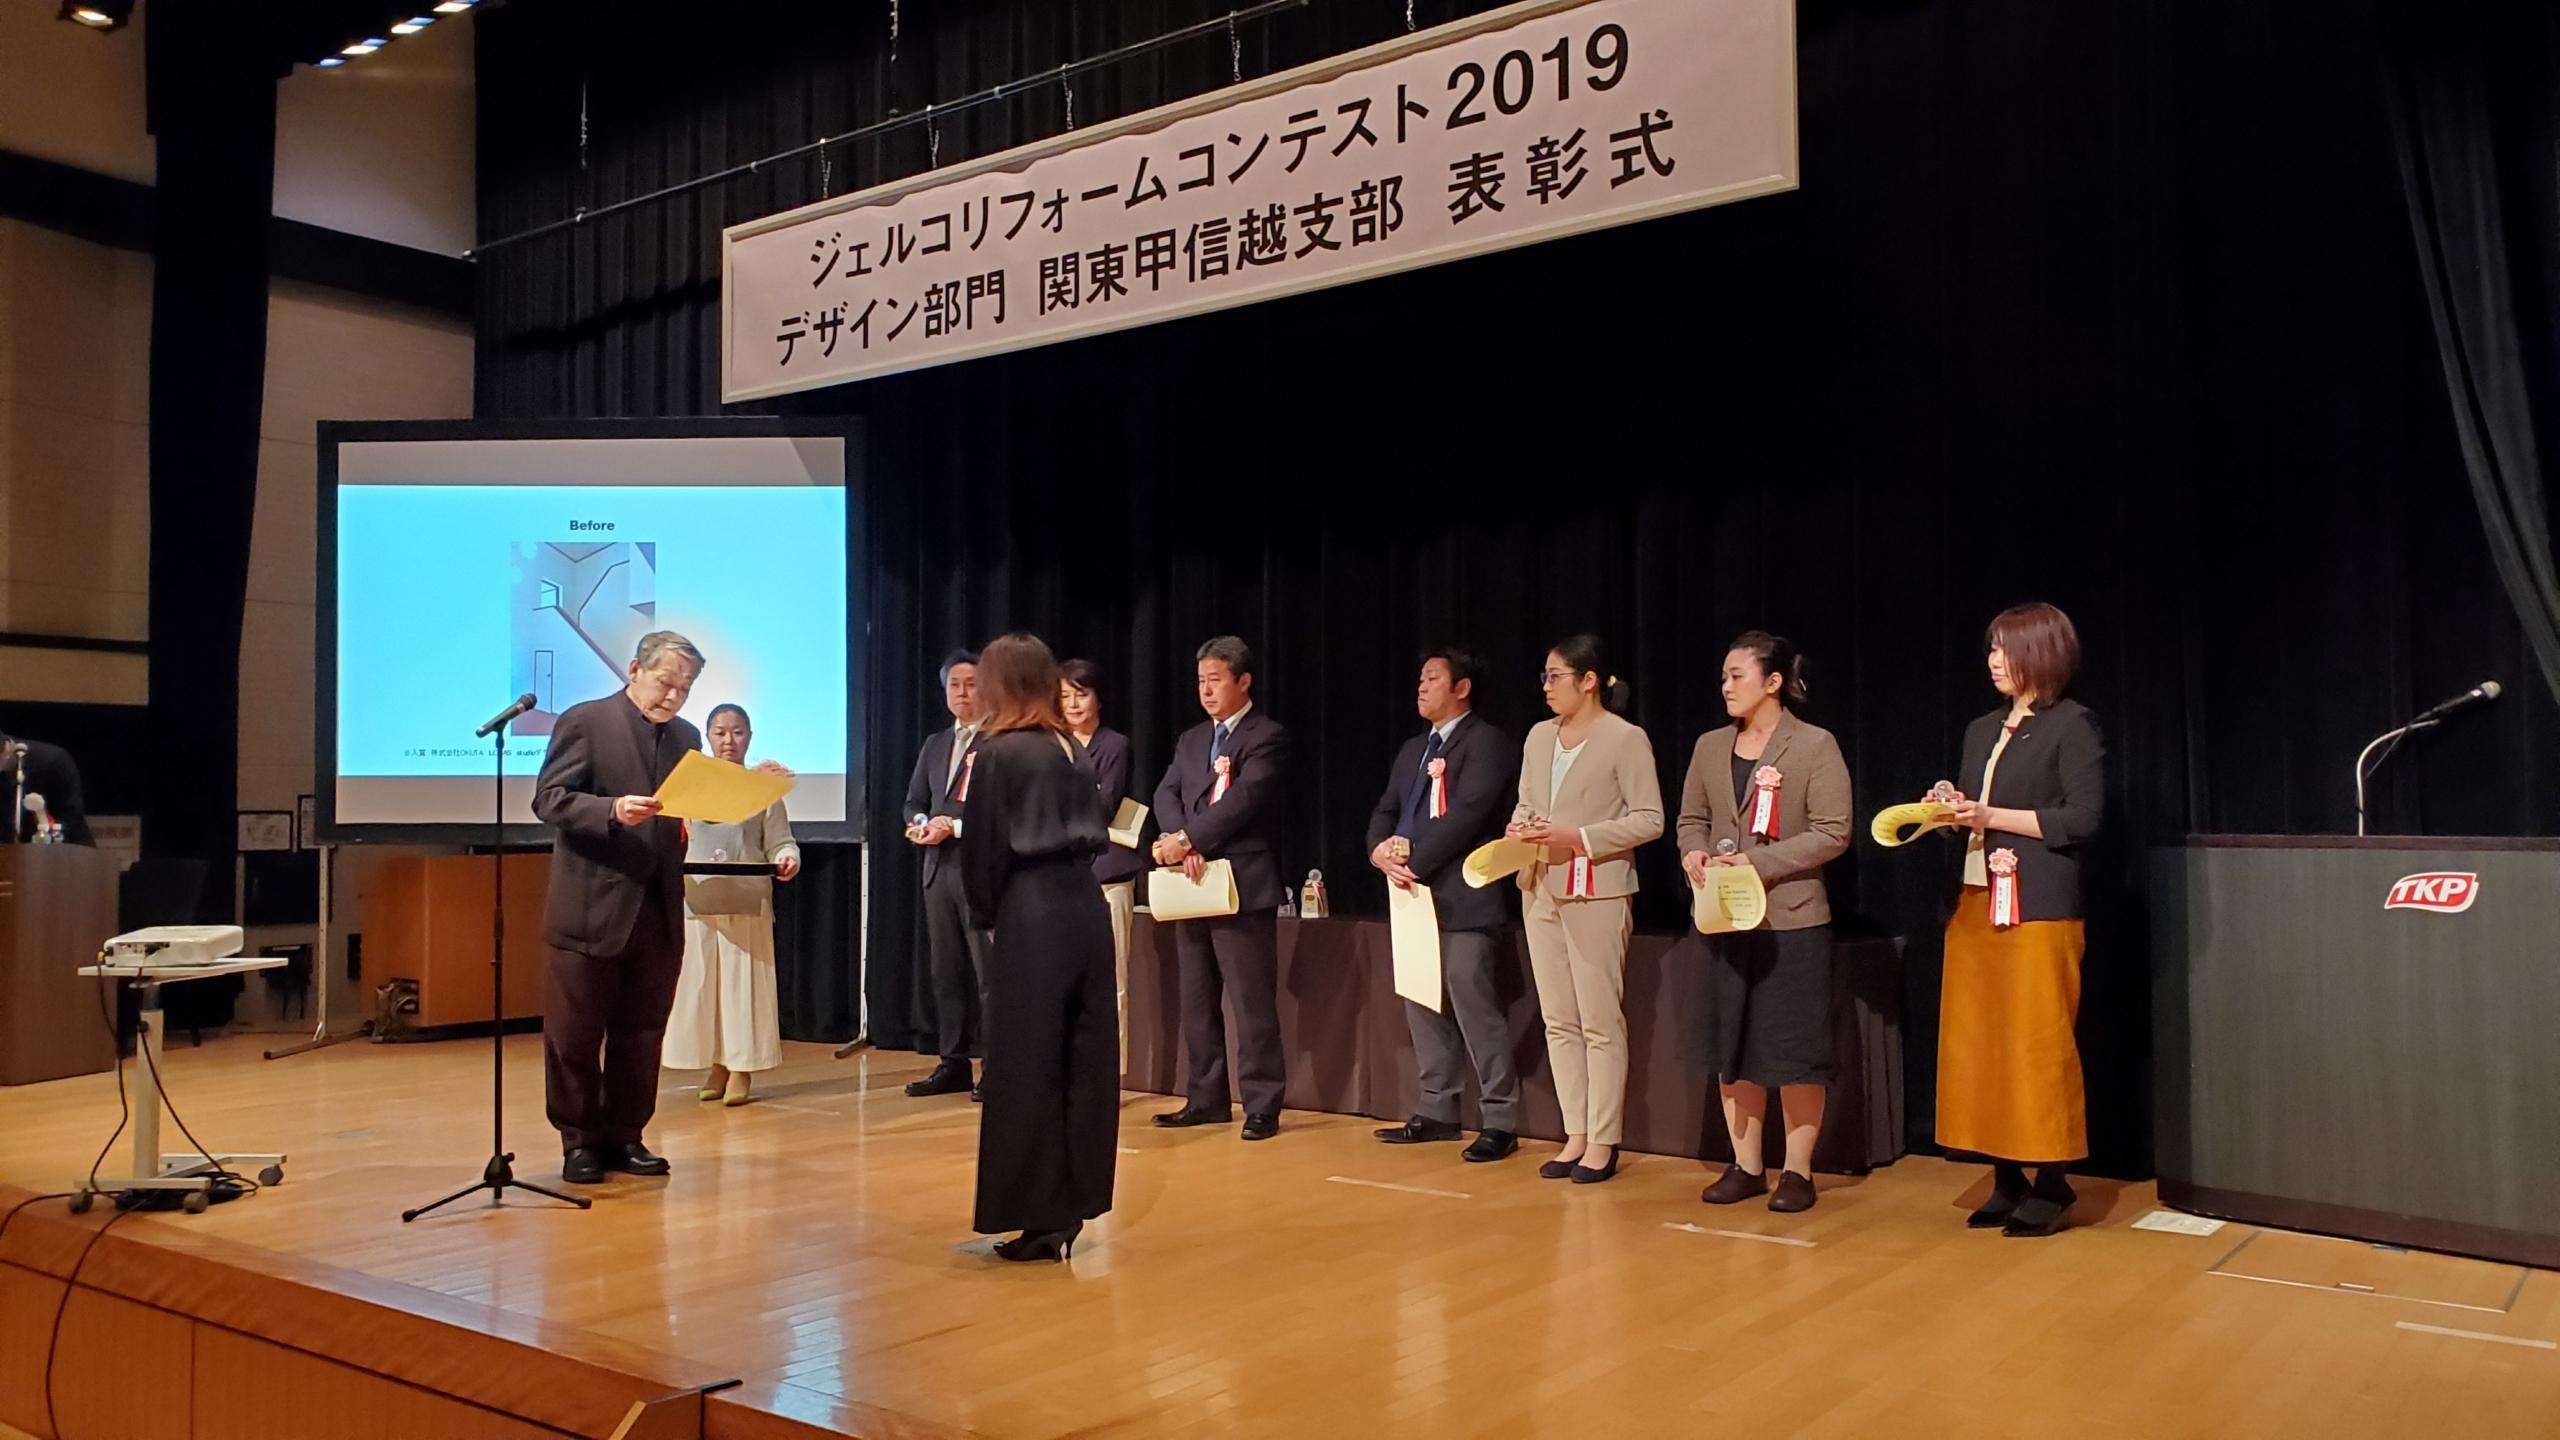 2019年度 新春賀詞交歓会&デザイン部門表彰式が大宮にて開催されました。